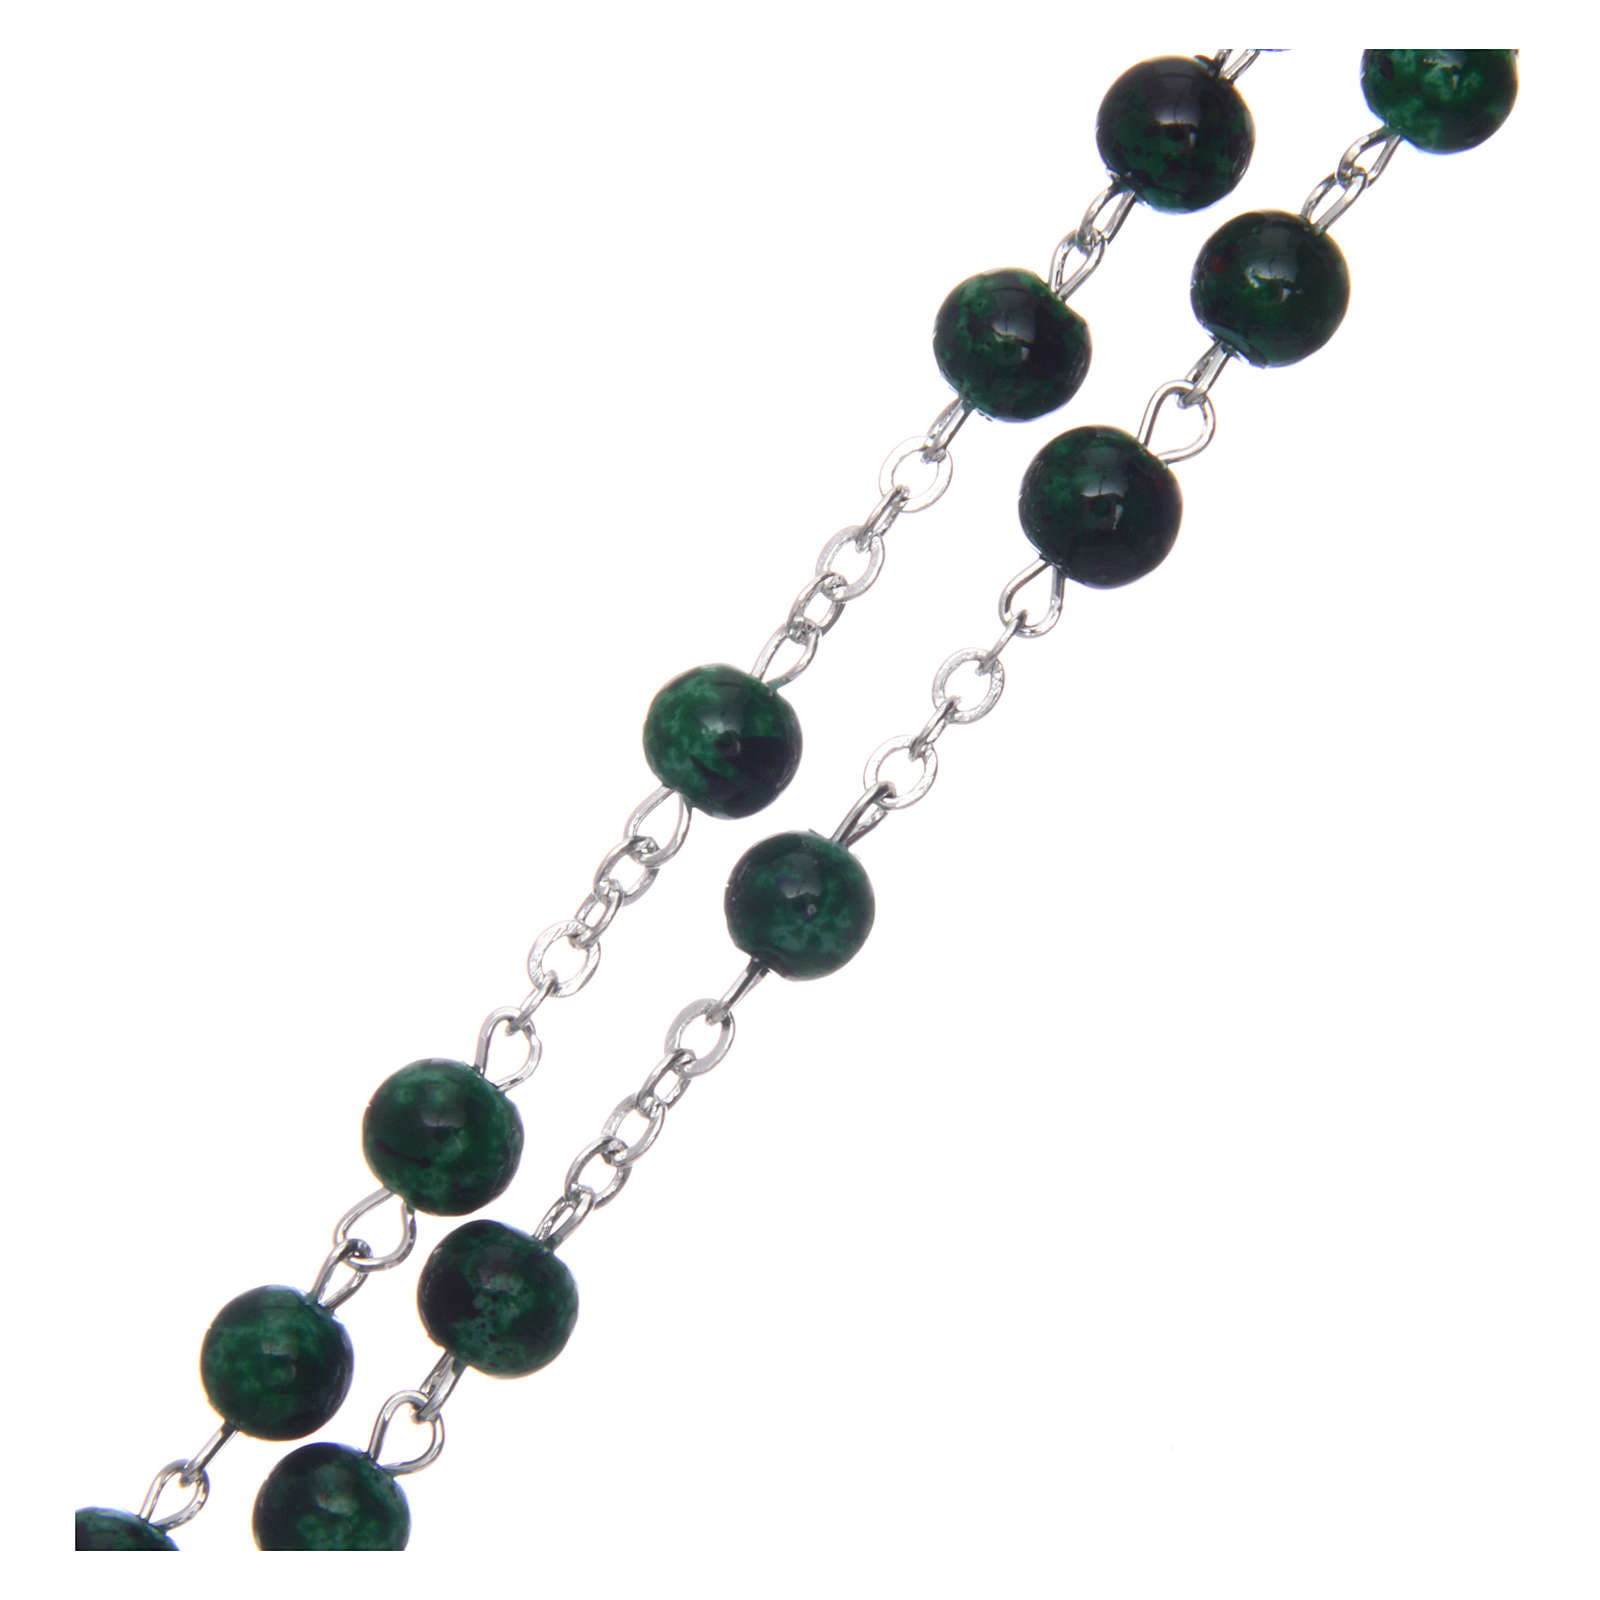 Różaniec szklany okrągły zielony 6 mm 4